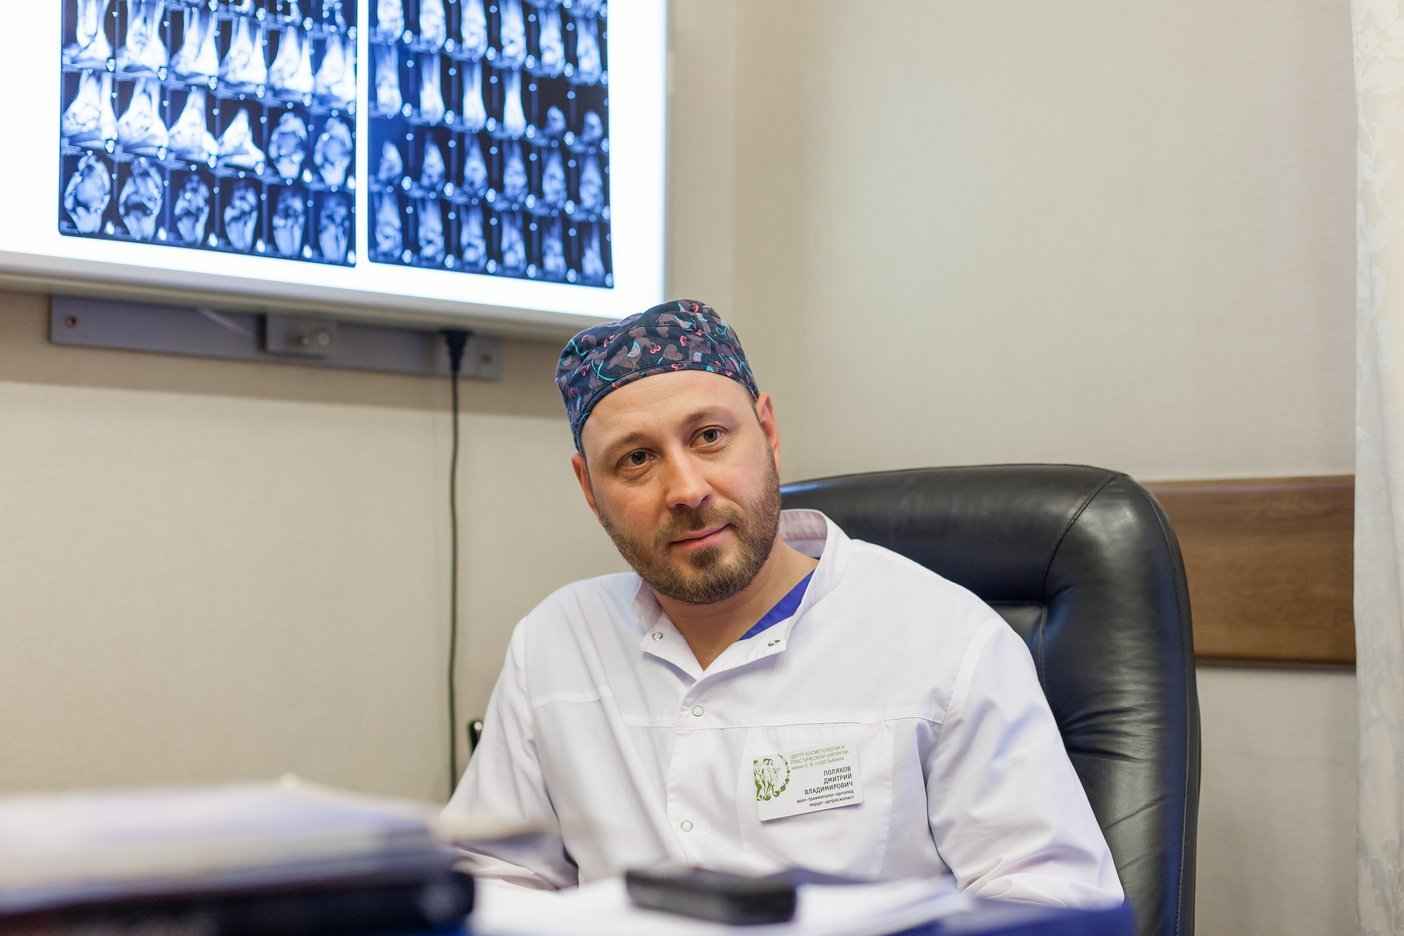 повреждение мениска коленного сустава лечение без операции